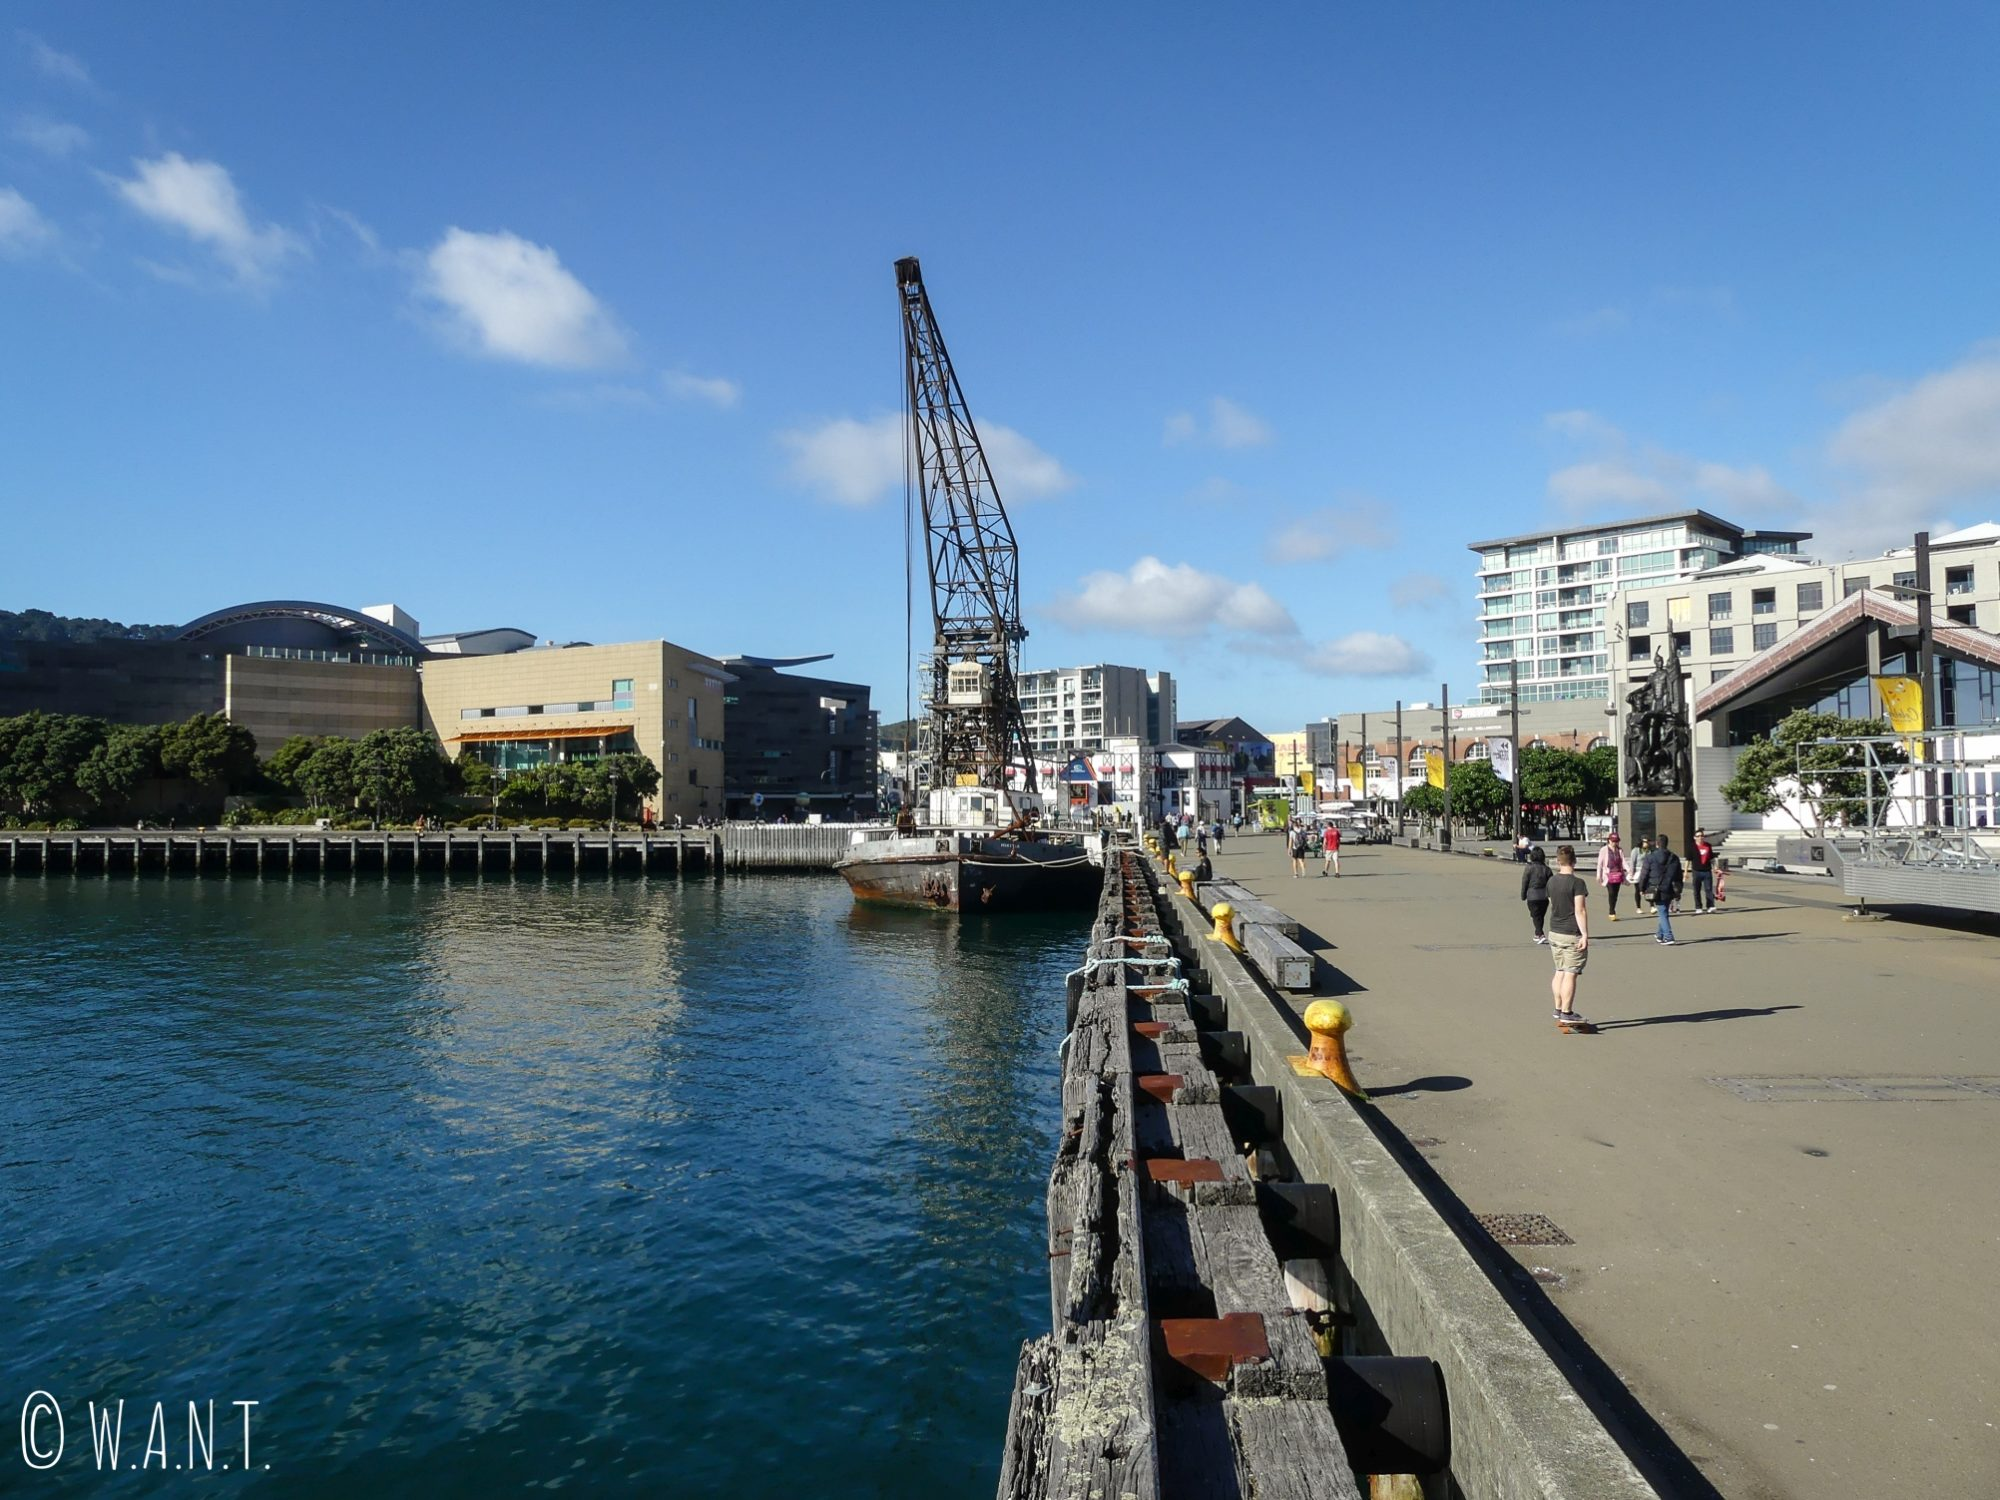 Il est très agréable de se promener le long des quais, dans le centre-ville de Wellington